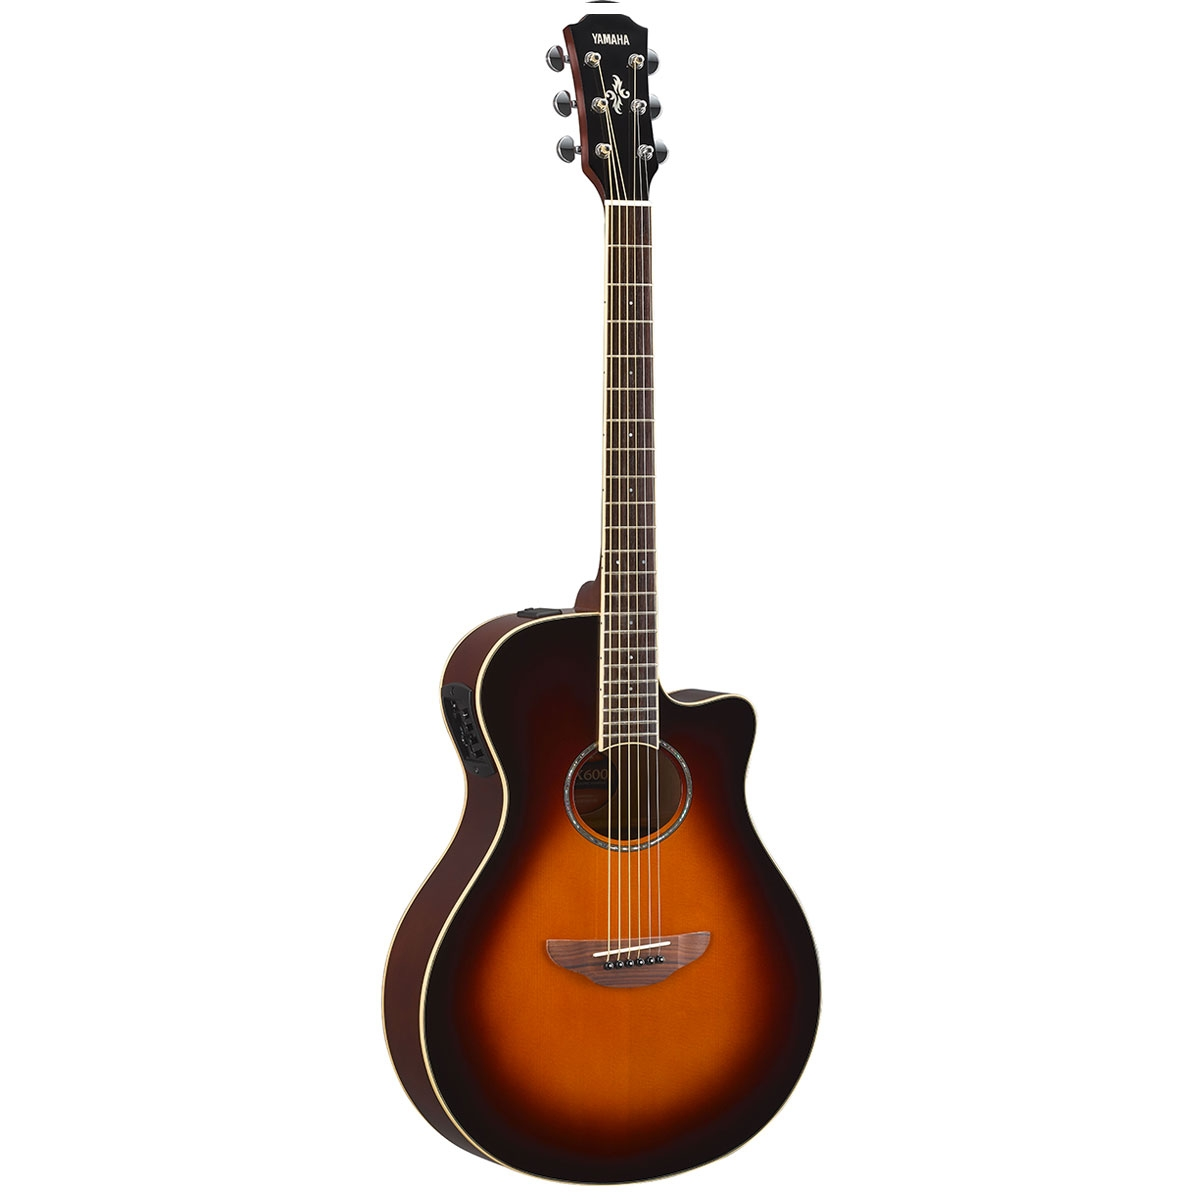 Yamaha - APX600 - Old Violin